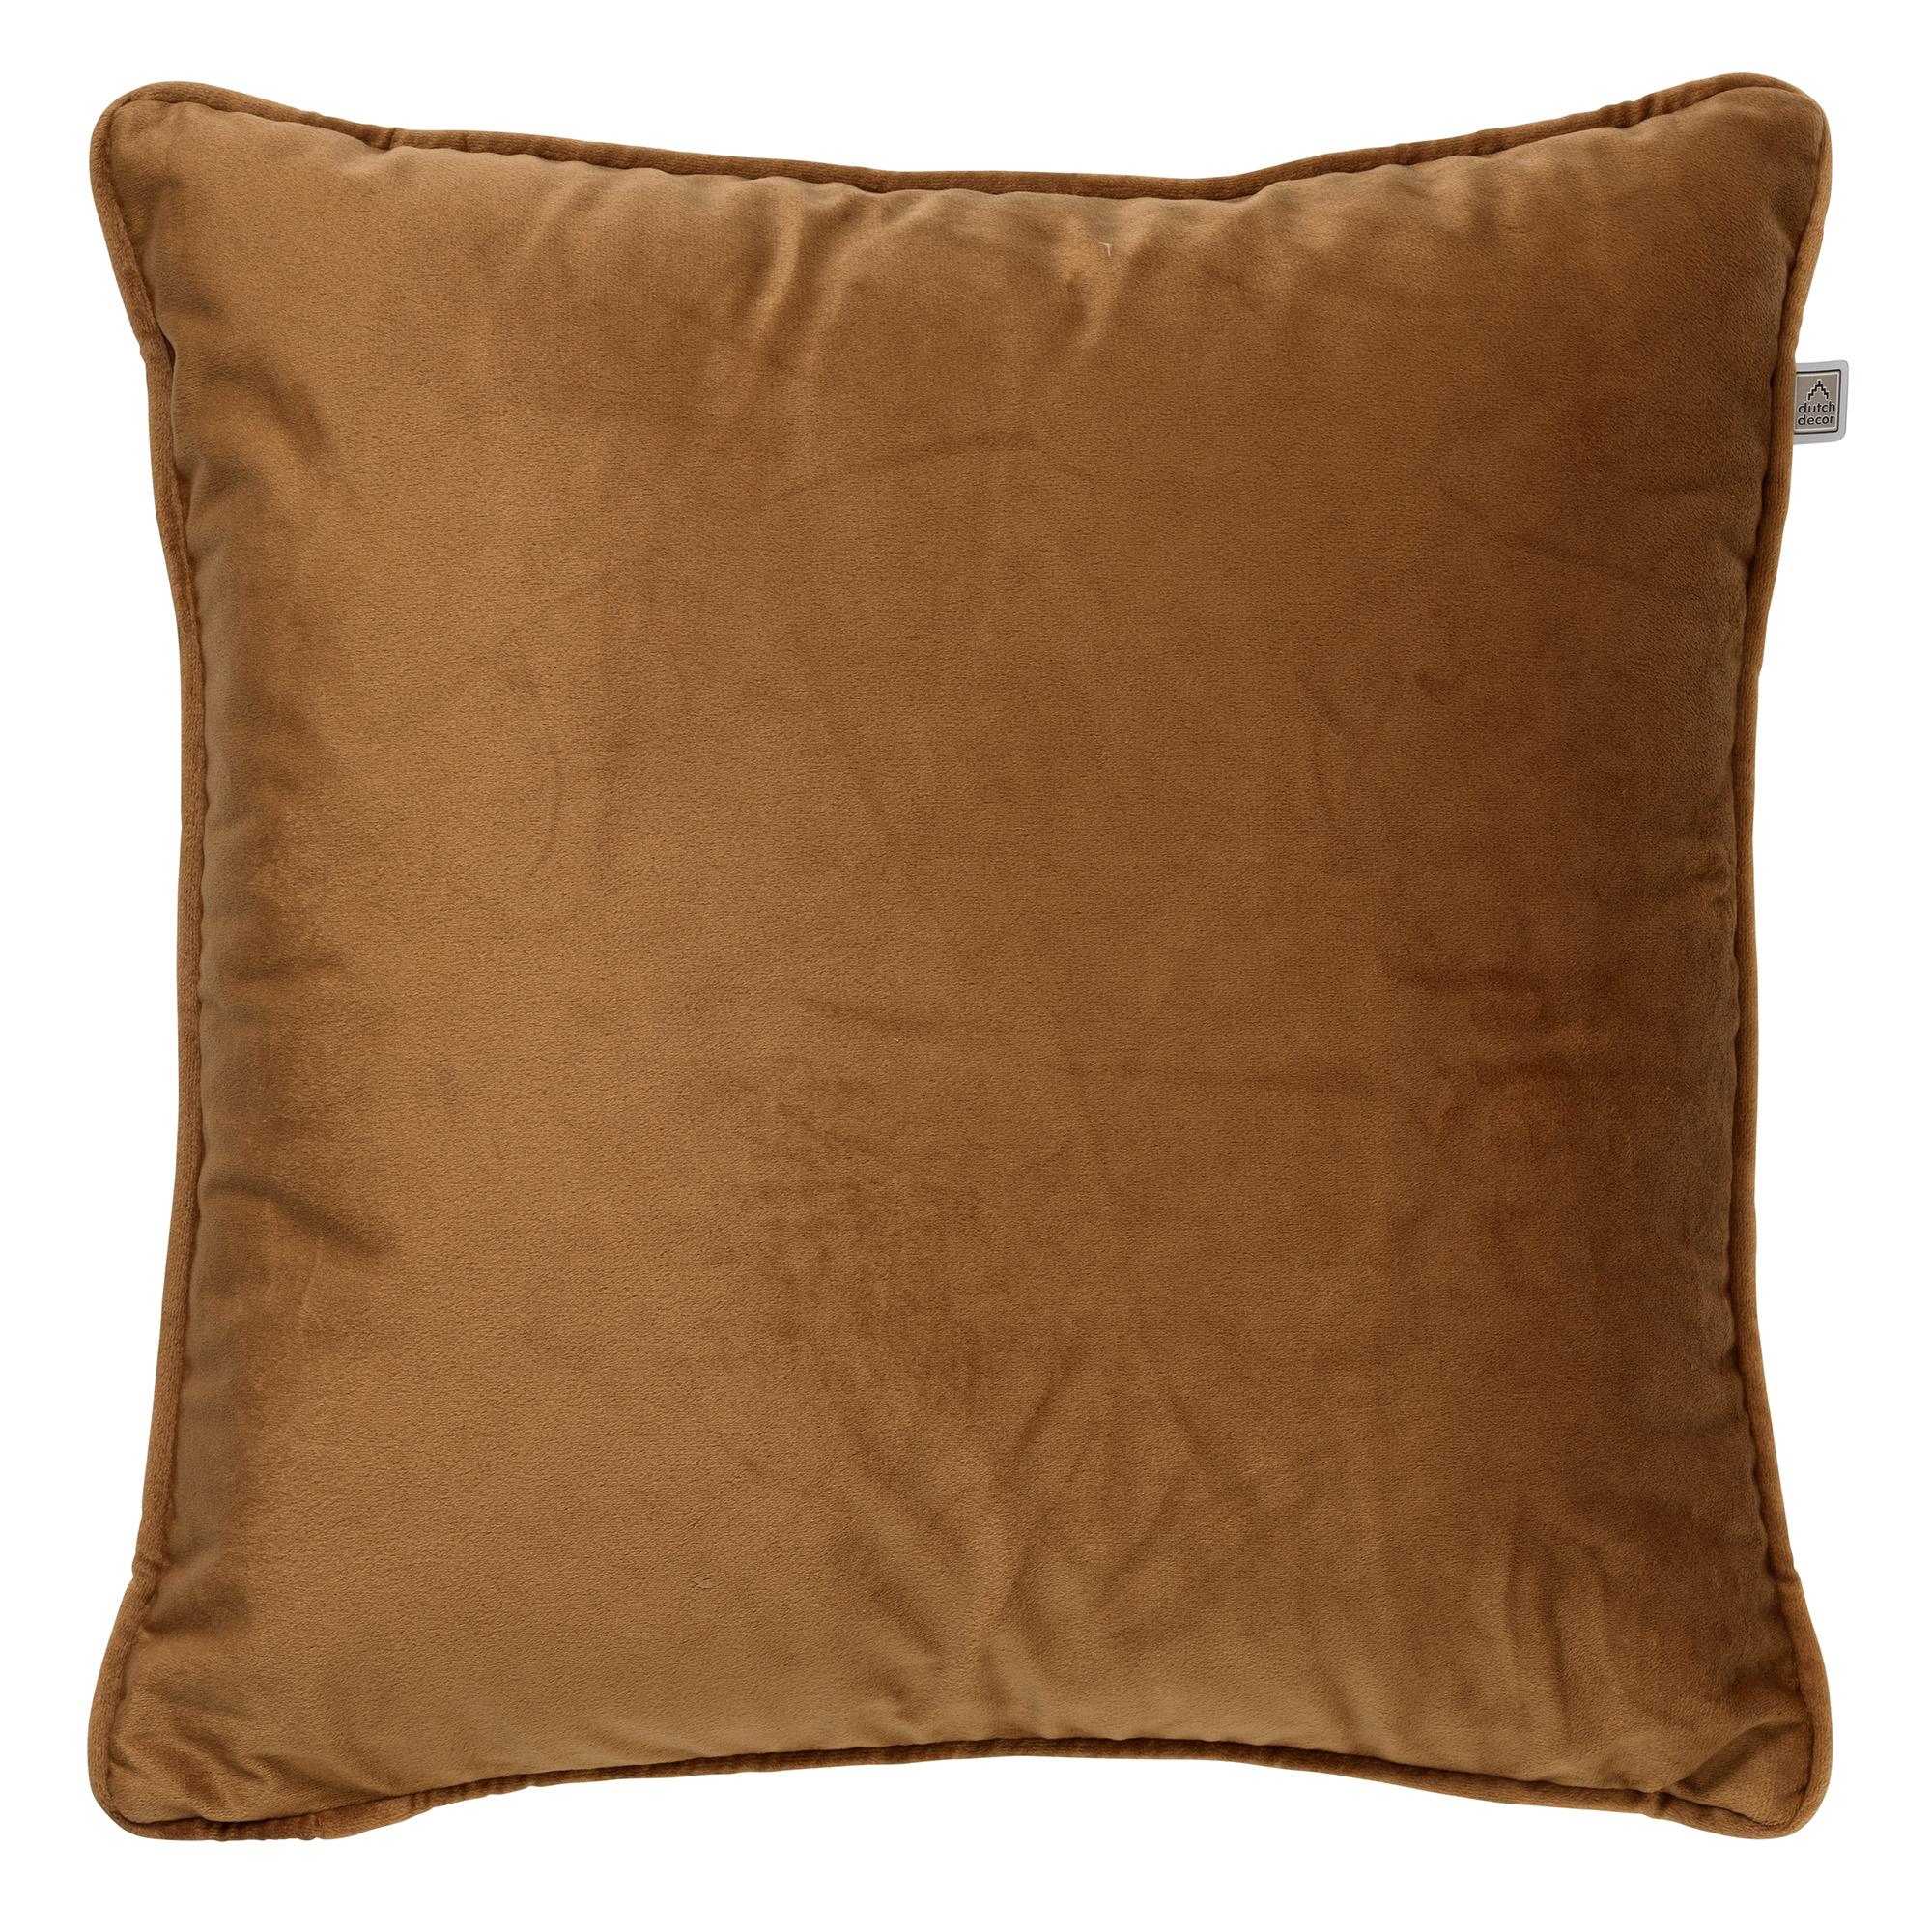 FINN - Sierkussen velvet Tobacco Brown 45x45 cm